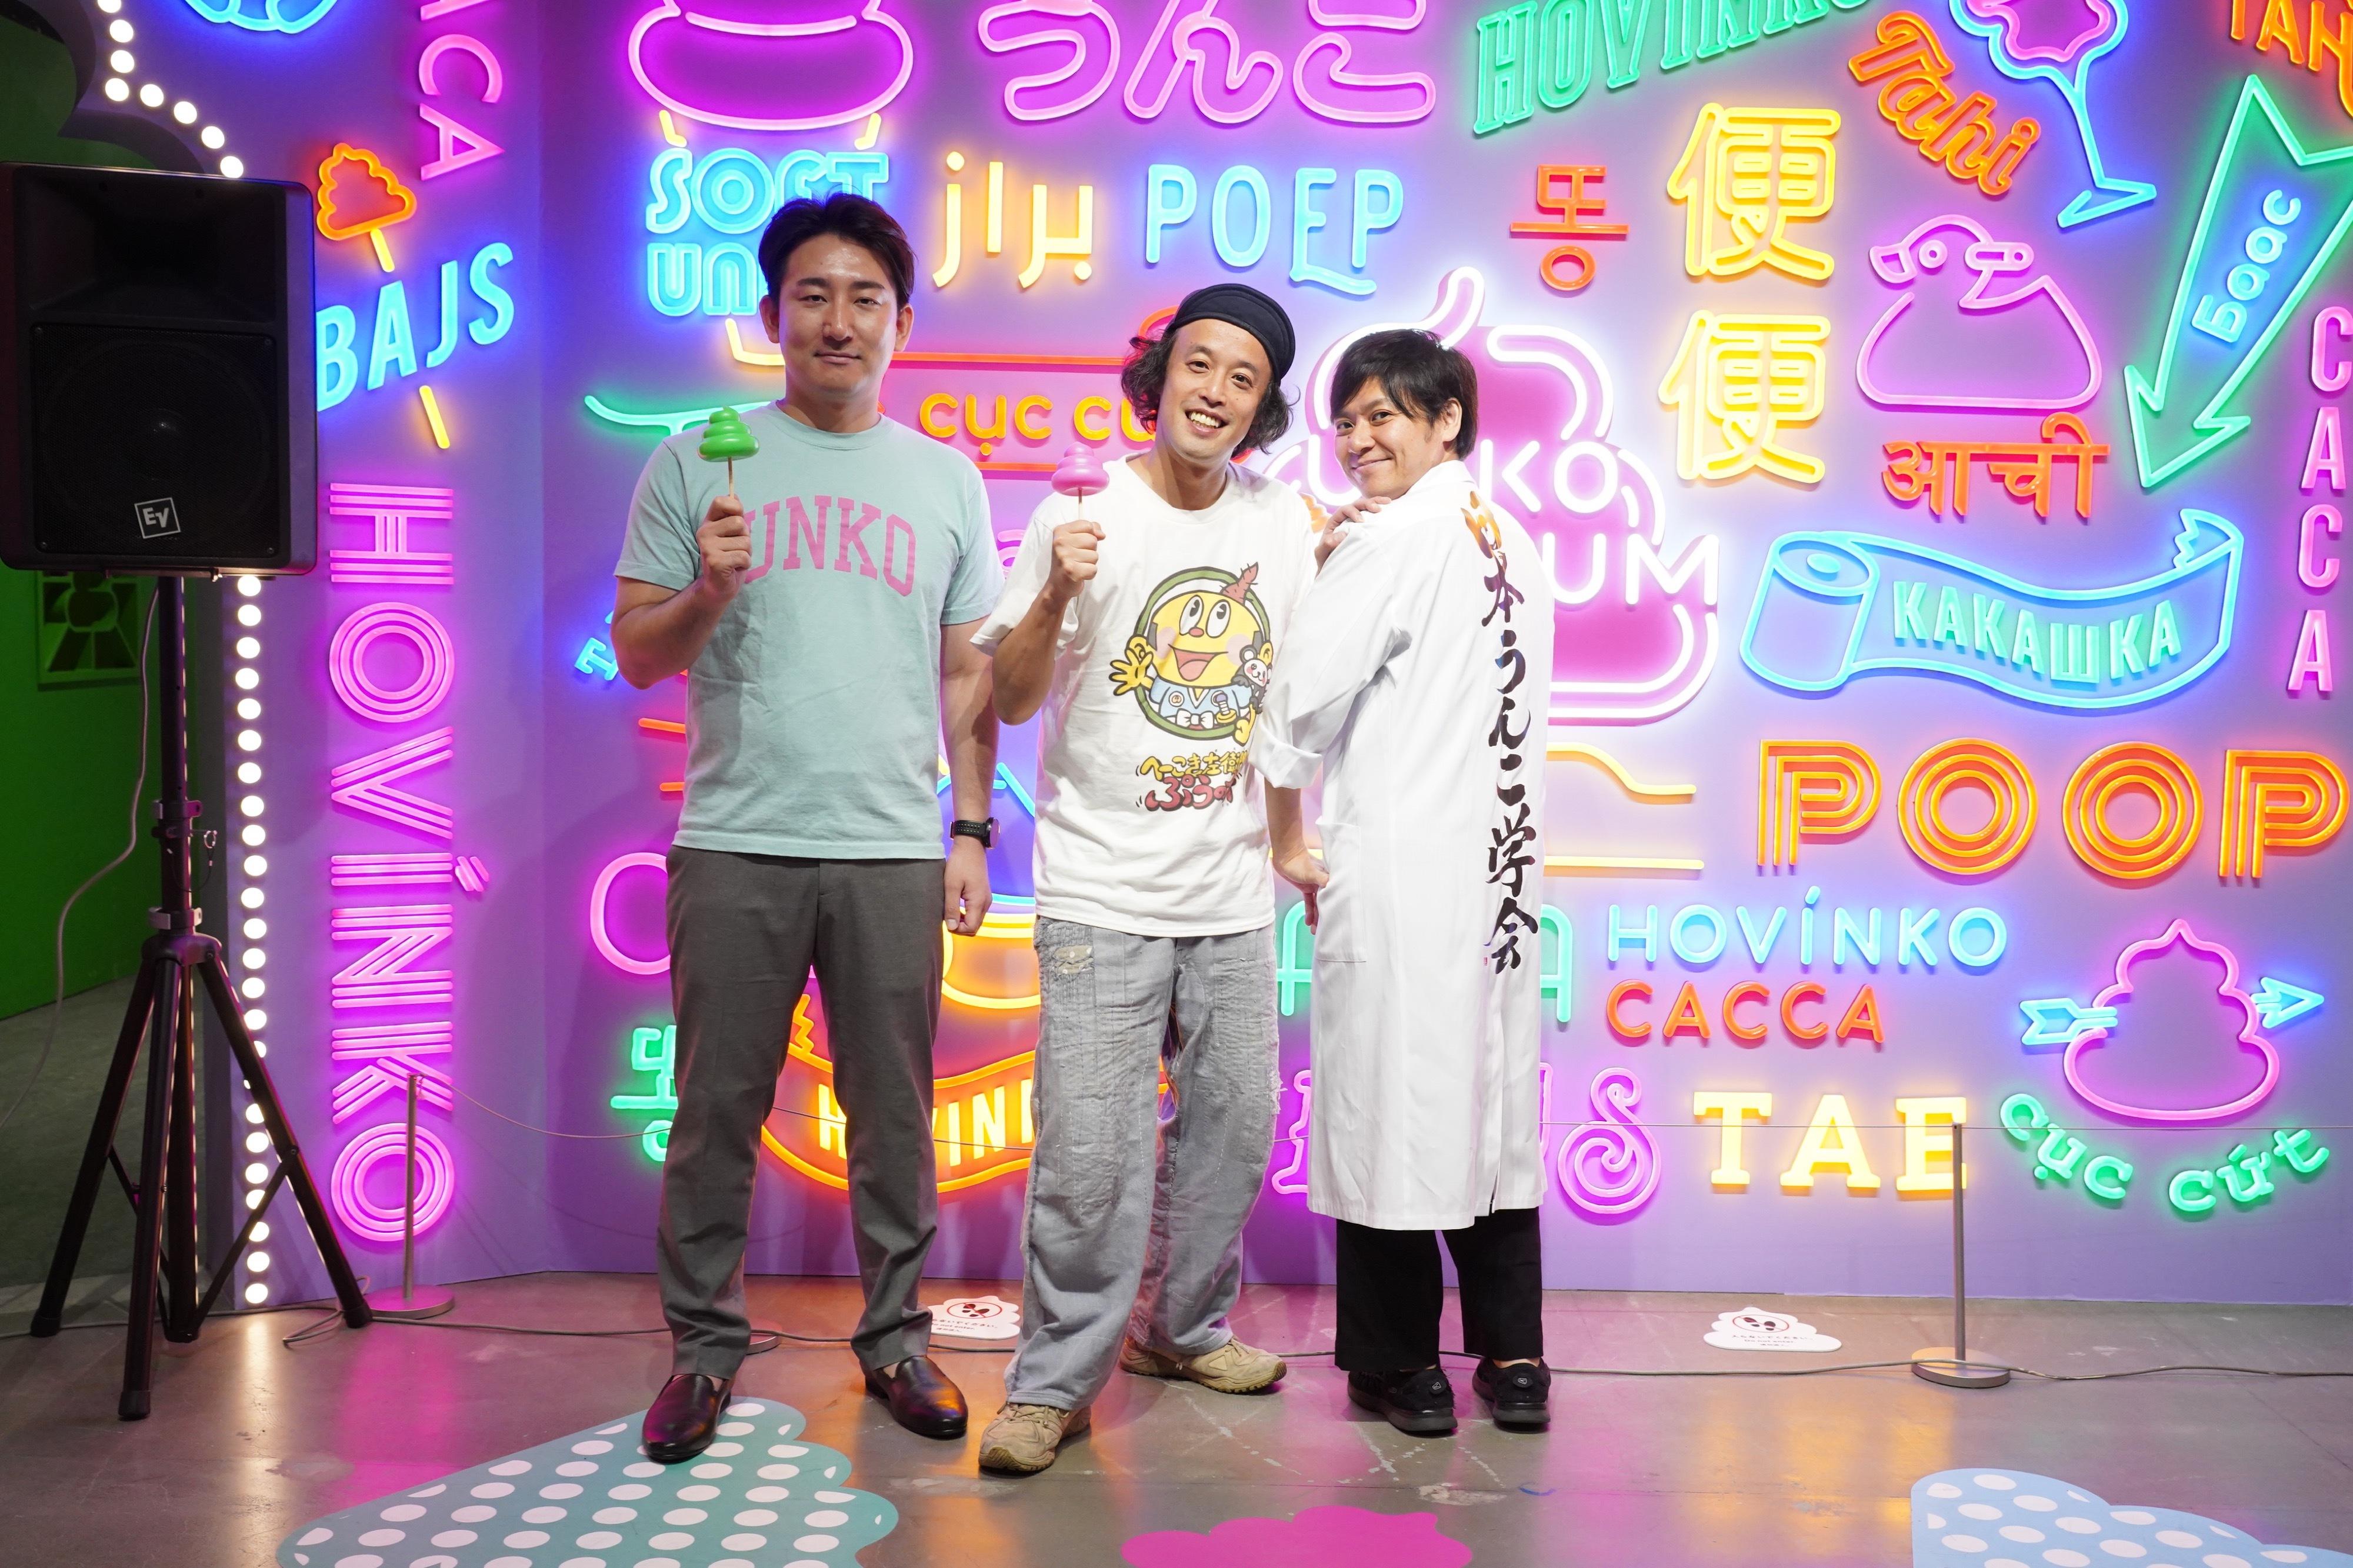 左から小林将(うんこミュージアムプロデューサー)、やついいちろう、石井洋介うんこ学会会長